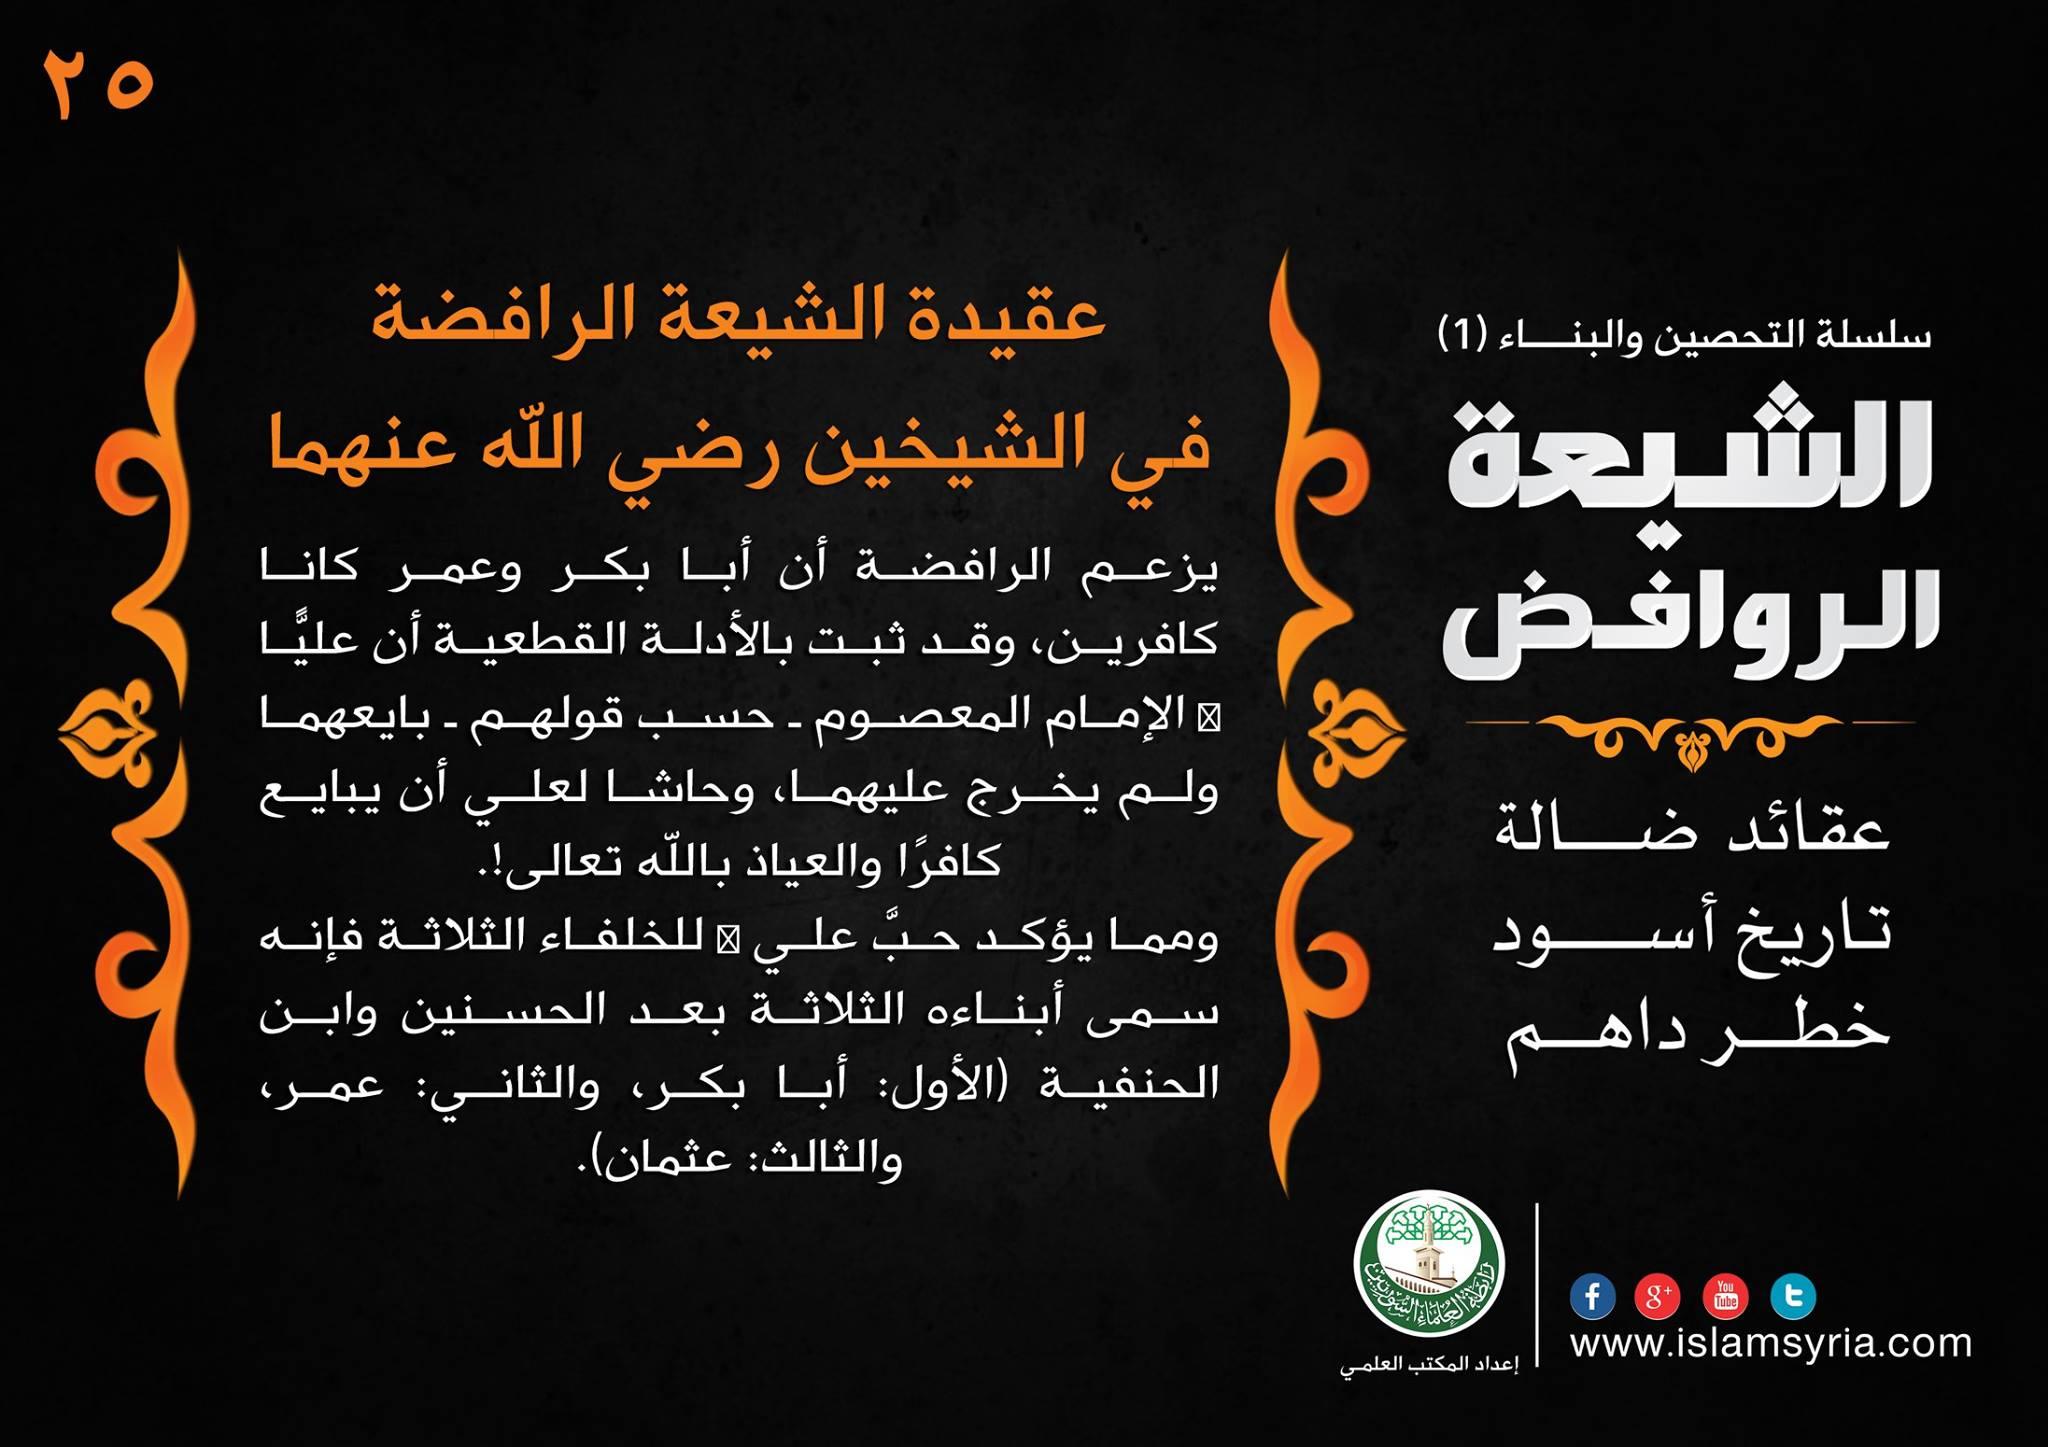 سلسلة التحصين والبناء -25- الشيعة الروافض